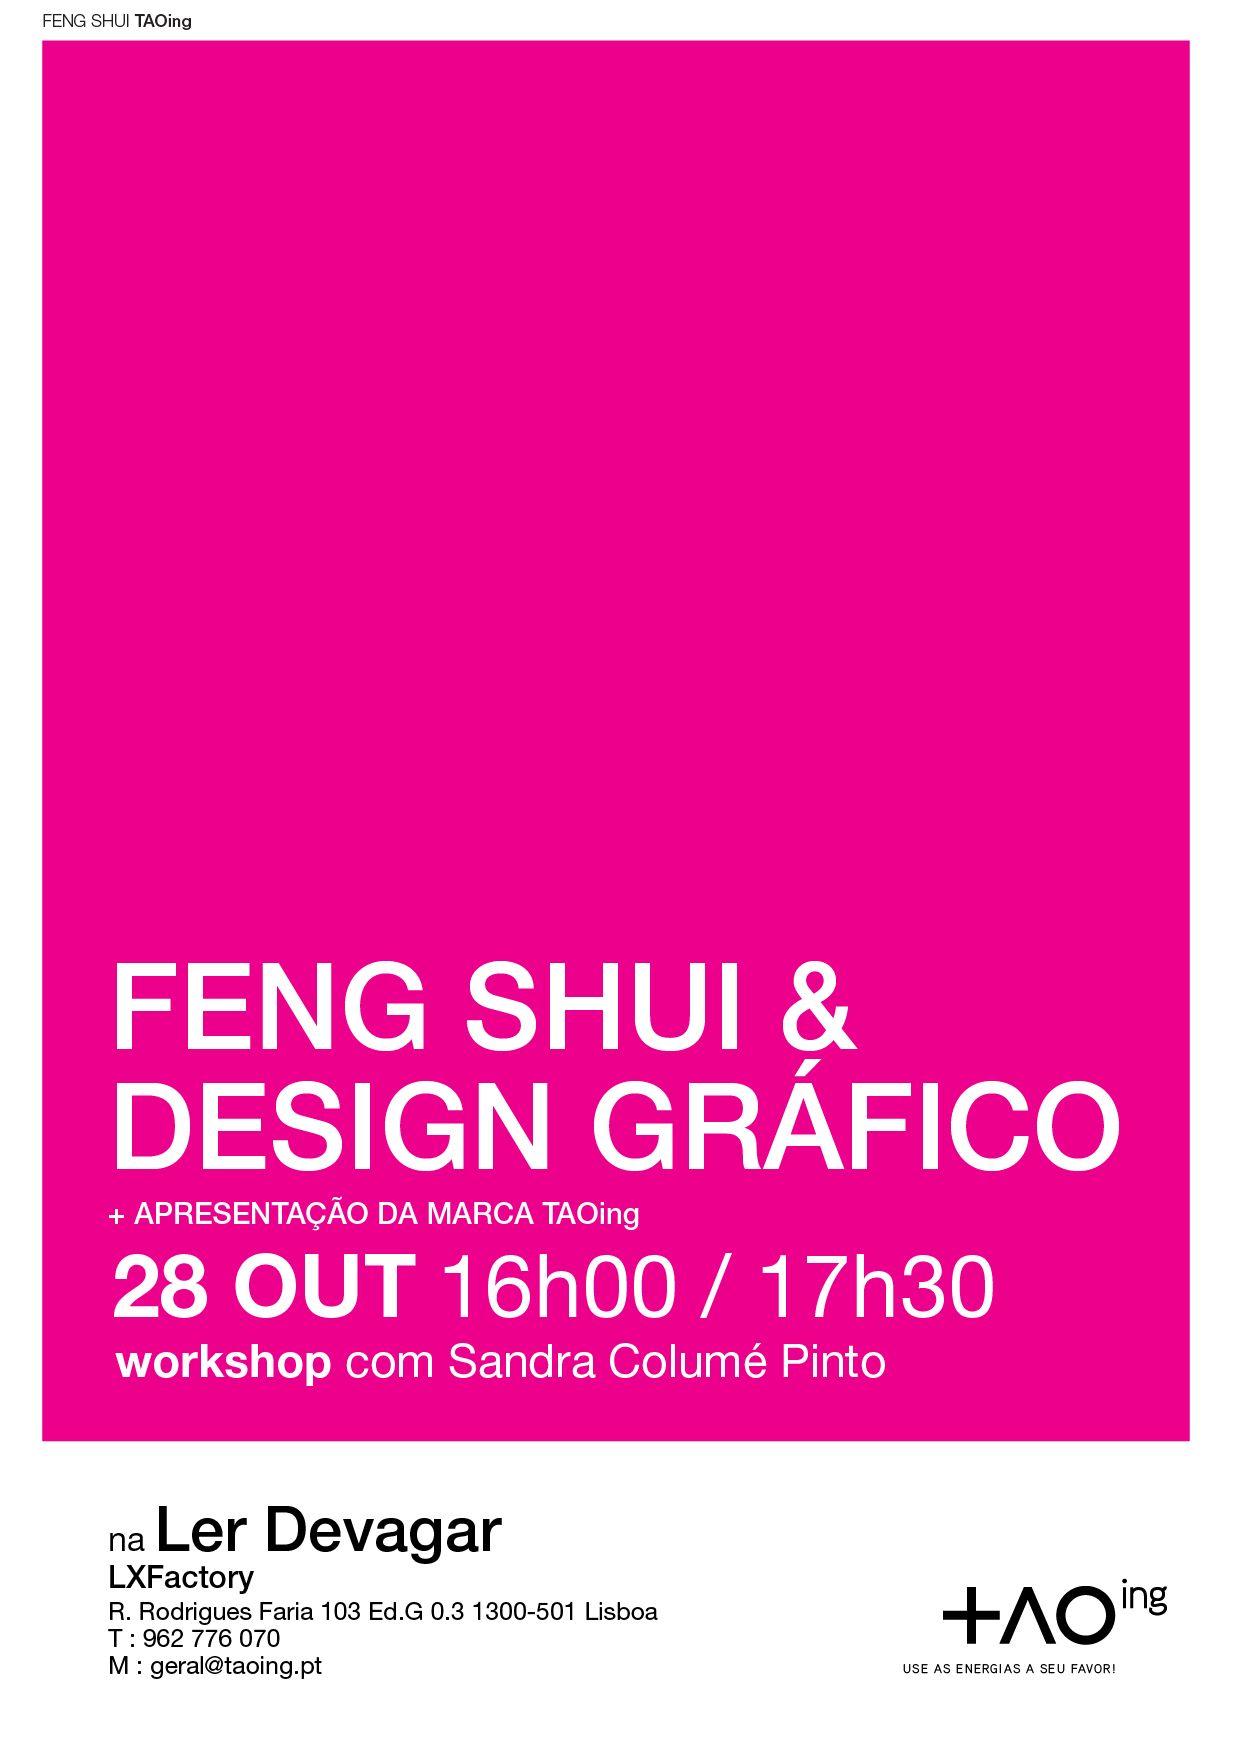 OBRIGADO A TODOS OS PRESENTES NO EVENTO : FENG SHUI & DESIGN GRÁFICO ...